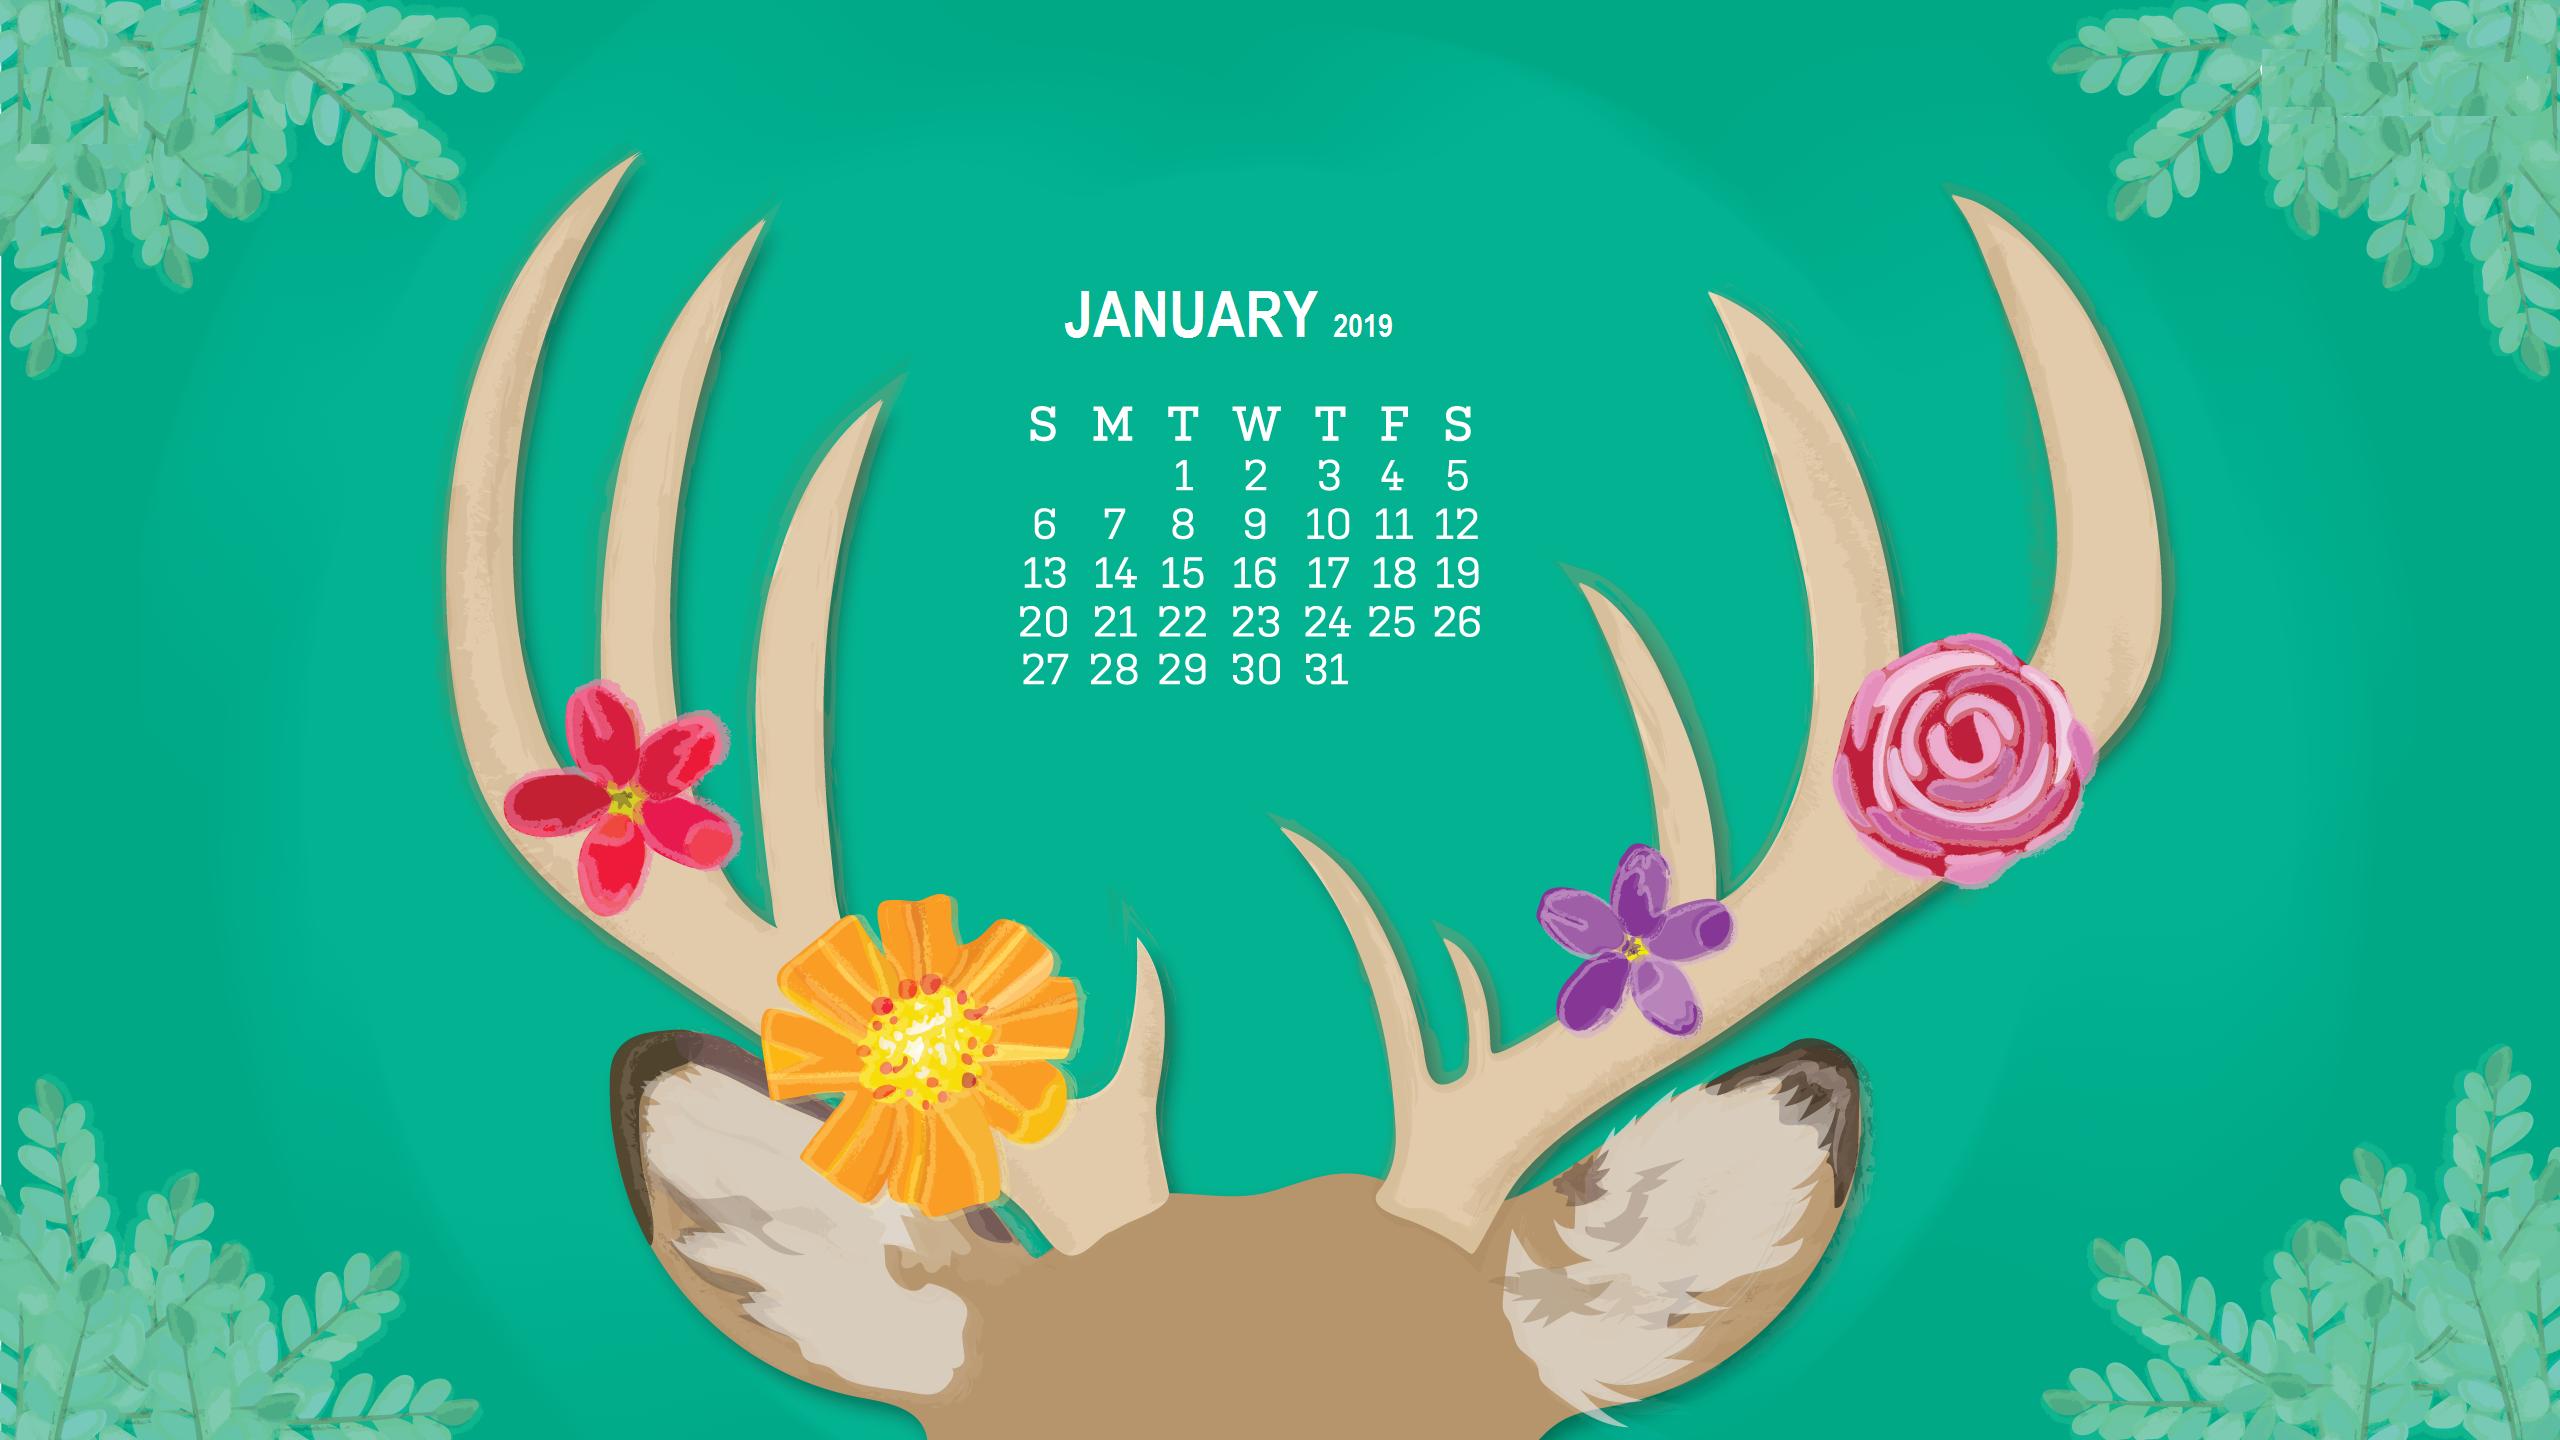 Monthly Desktop Calendar 2019 Wallpapers Calendar 2019 2560x1440